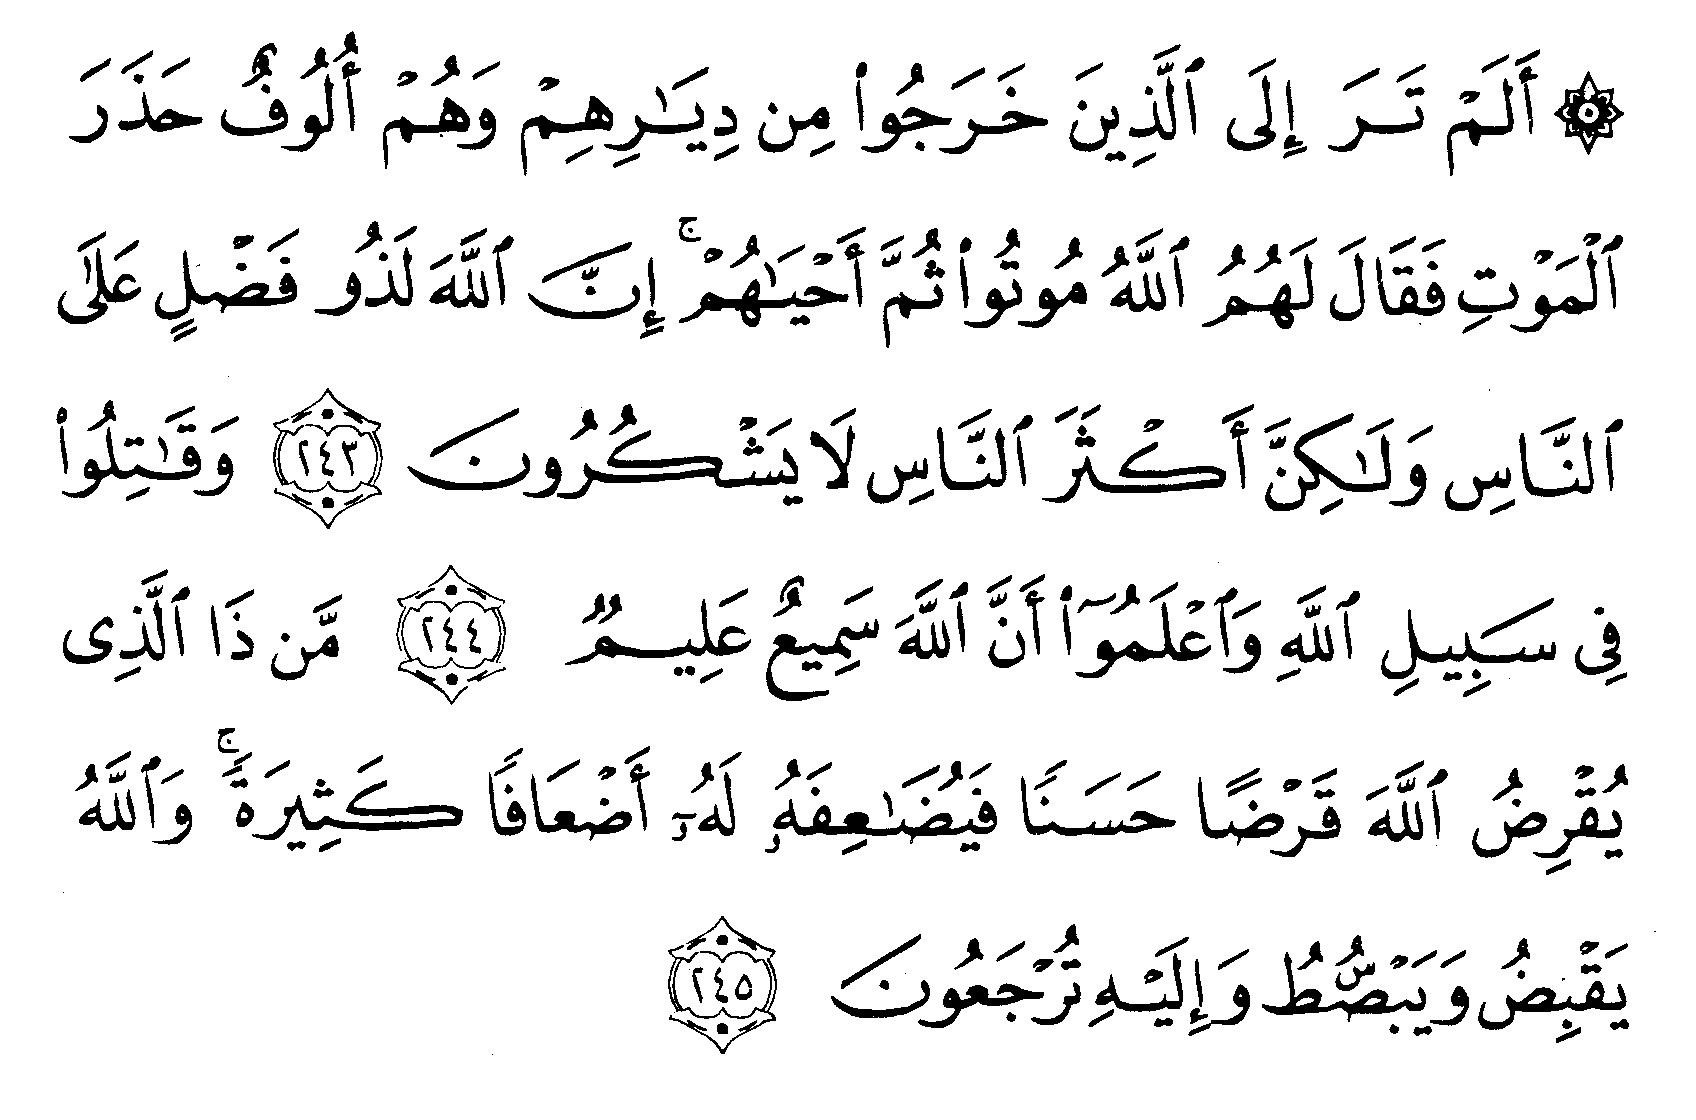 Tafsir Ibnu Katsir Surat Al Baqarah Ayat 243 245 Alqur Anmulia